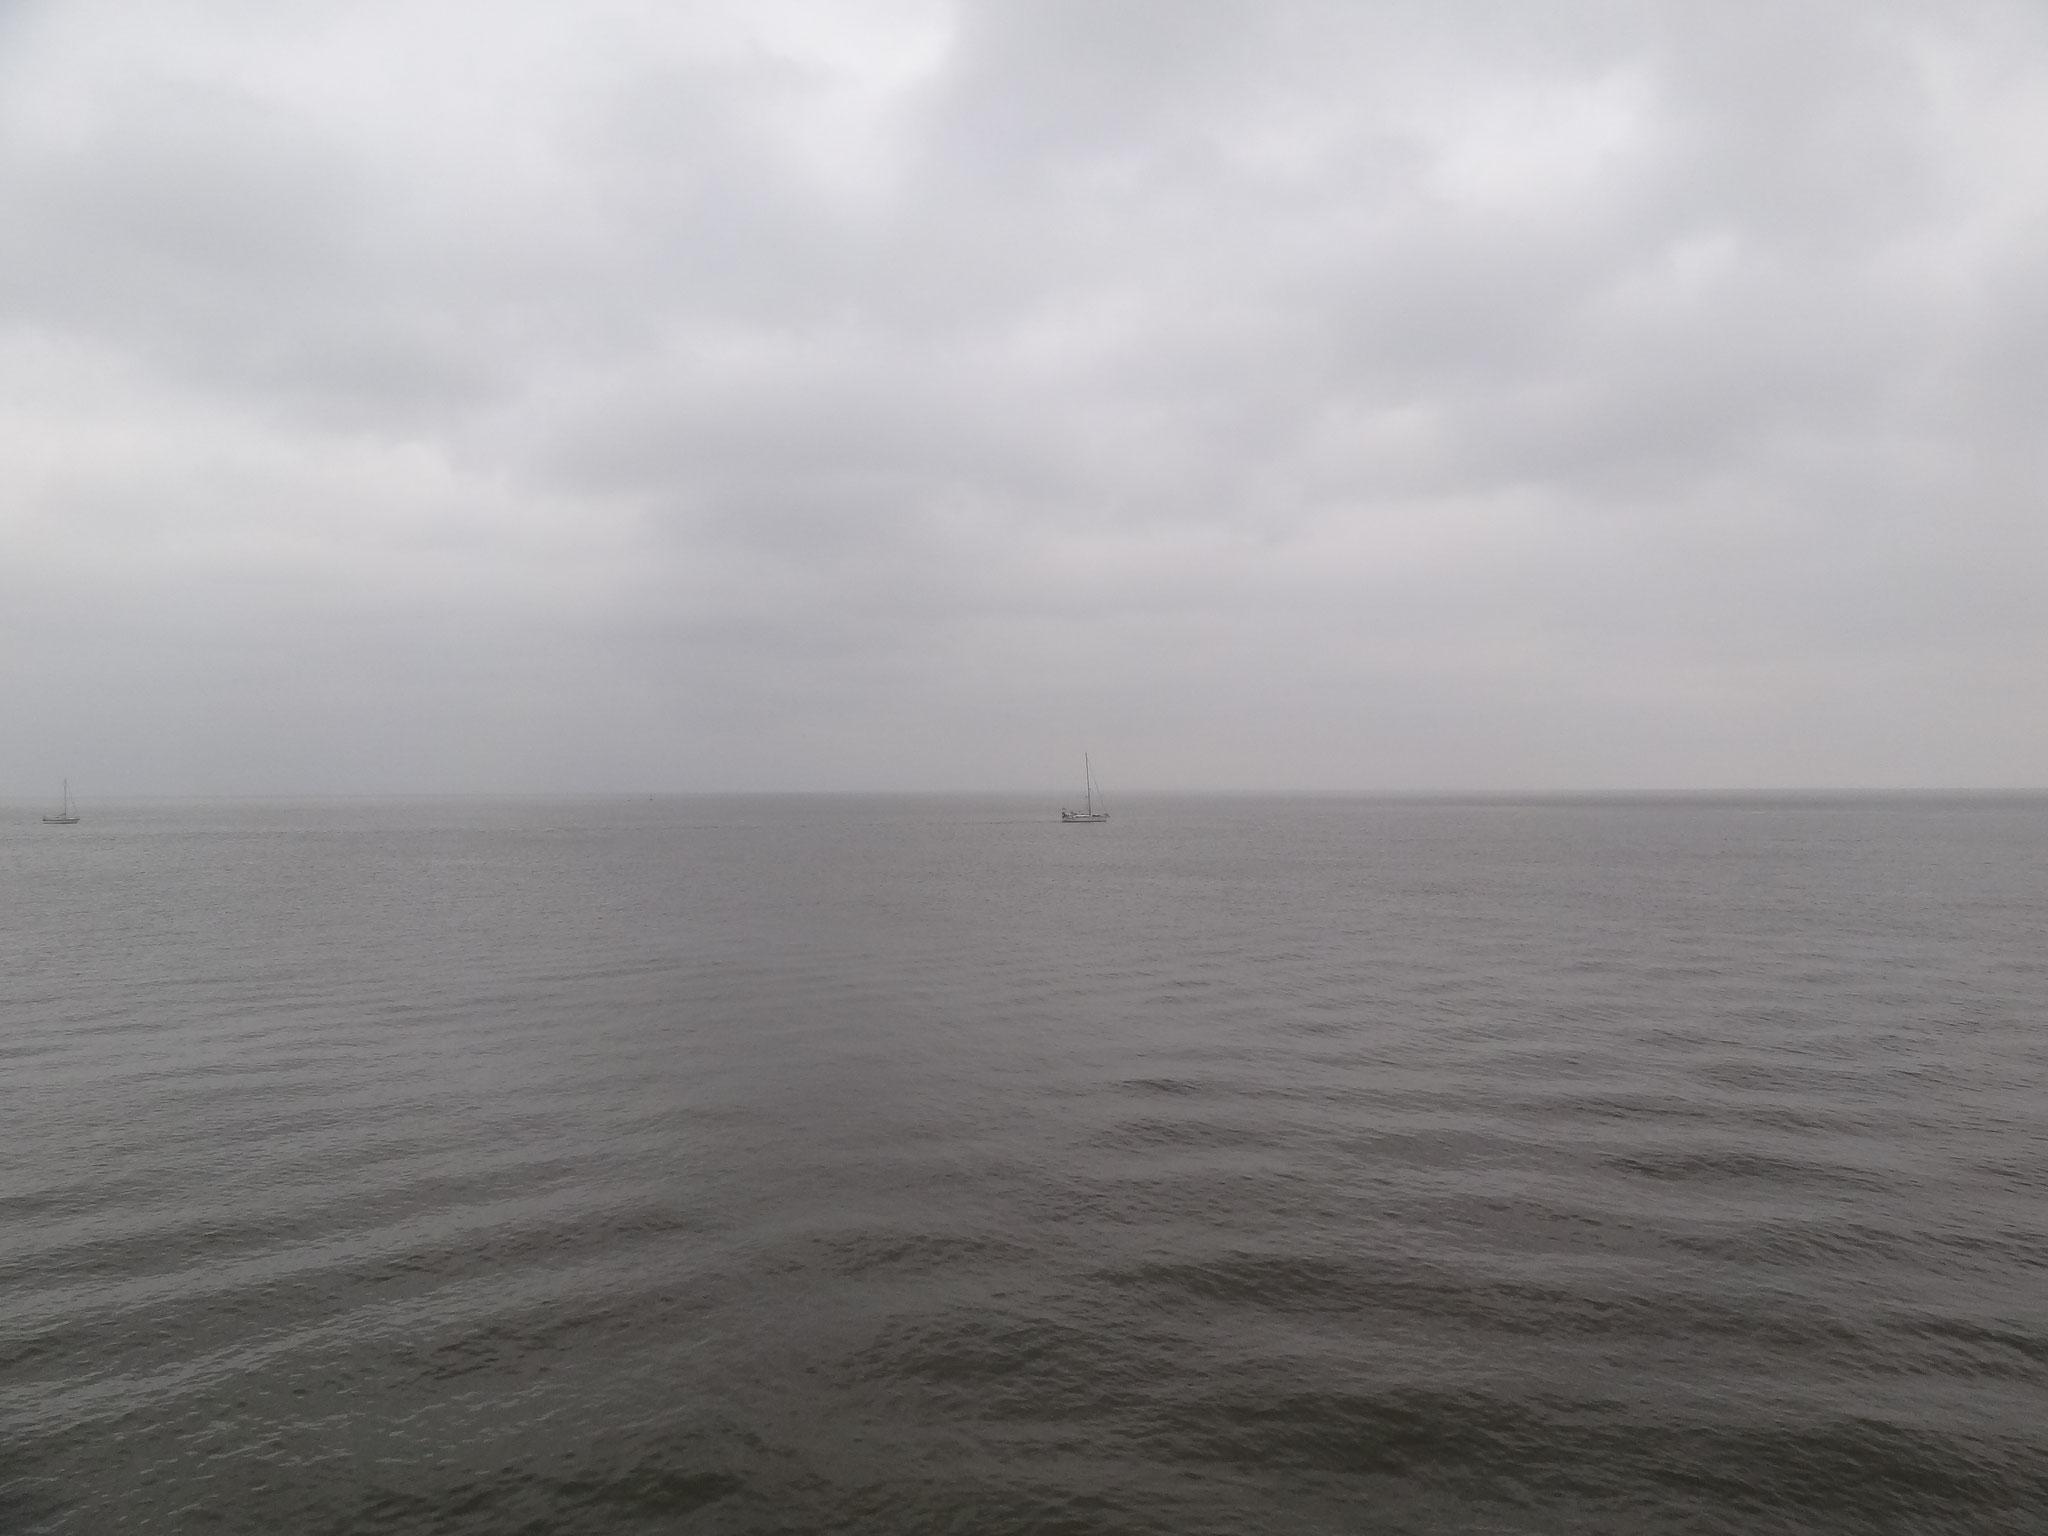 Die Elbmündung hat eine große Bedeutung für die Seeschifffahrt, da der Trichter die Zufahrt zum Hamburger Hafen bildet und in der Mündung auf nördlicher Seite (bei Brunsbüttel) die Einfahrt zum Nord-Ostsee-Kanal liegt. Der untere Teil der Elbmündung gehör